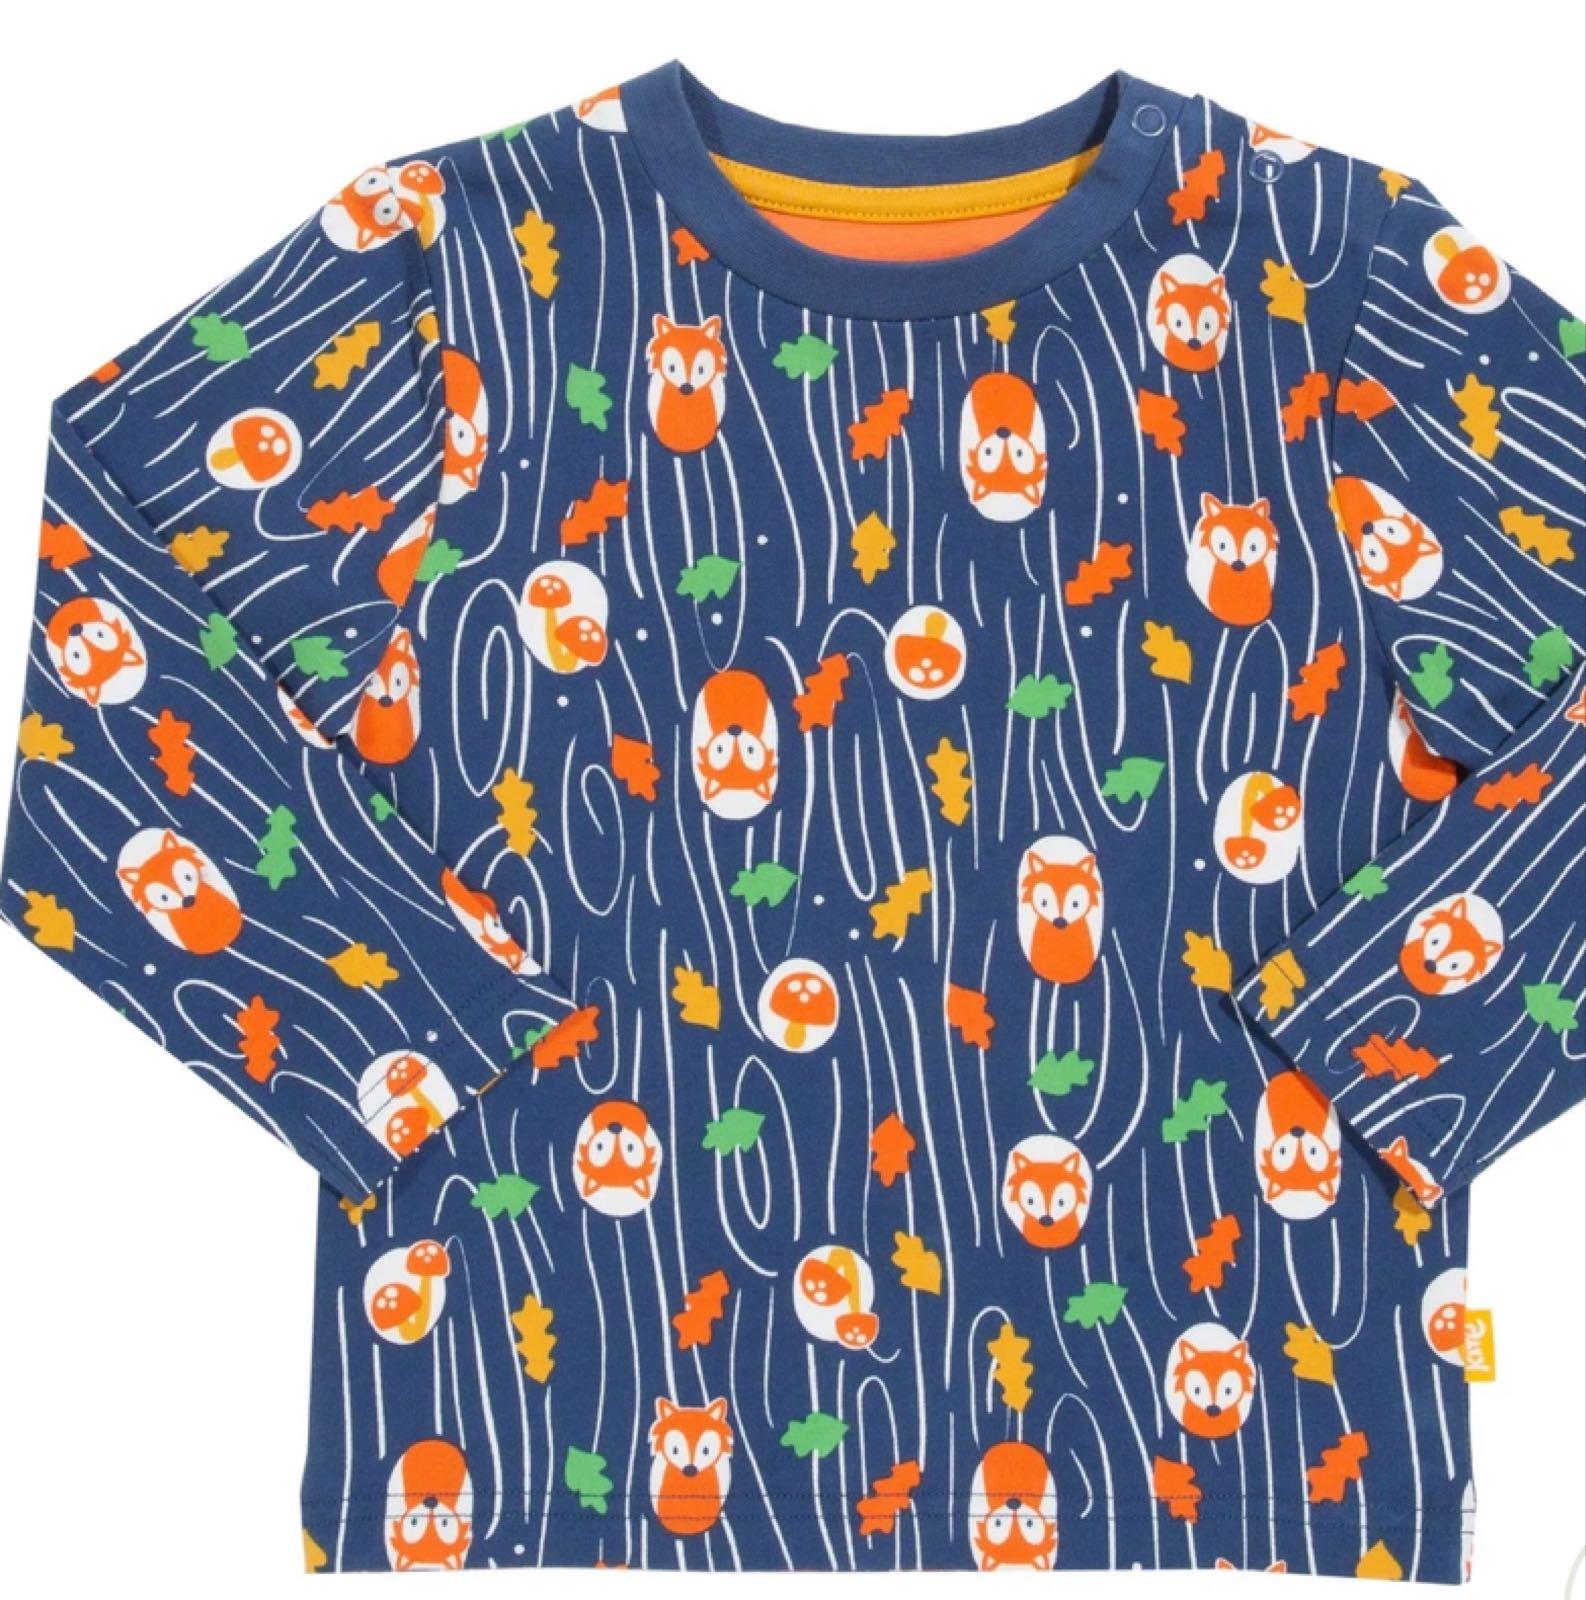 Treehouse tshirt